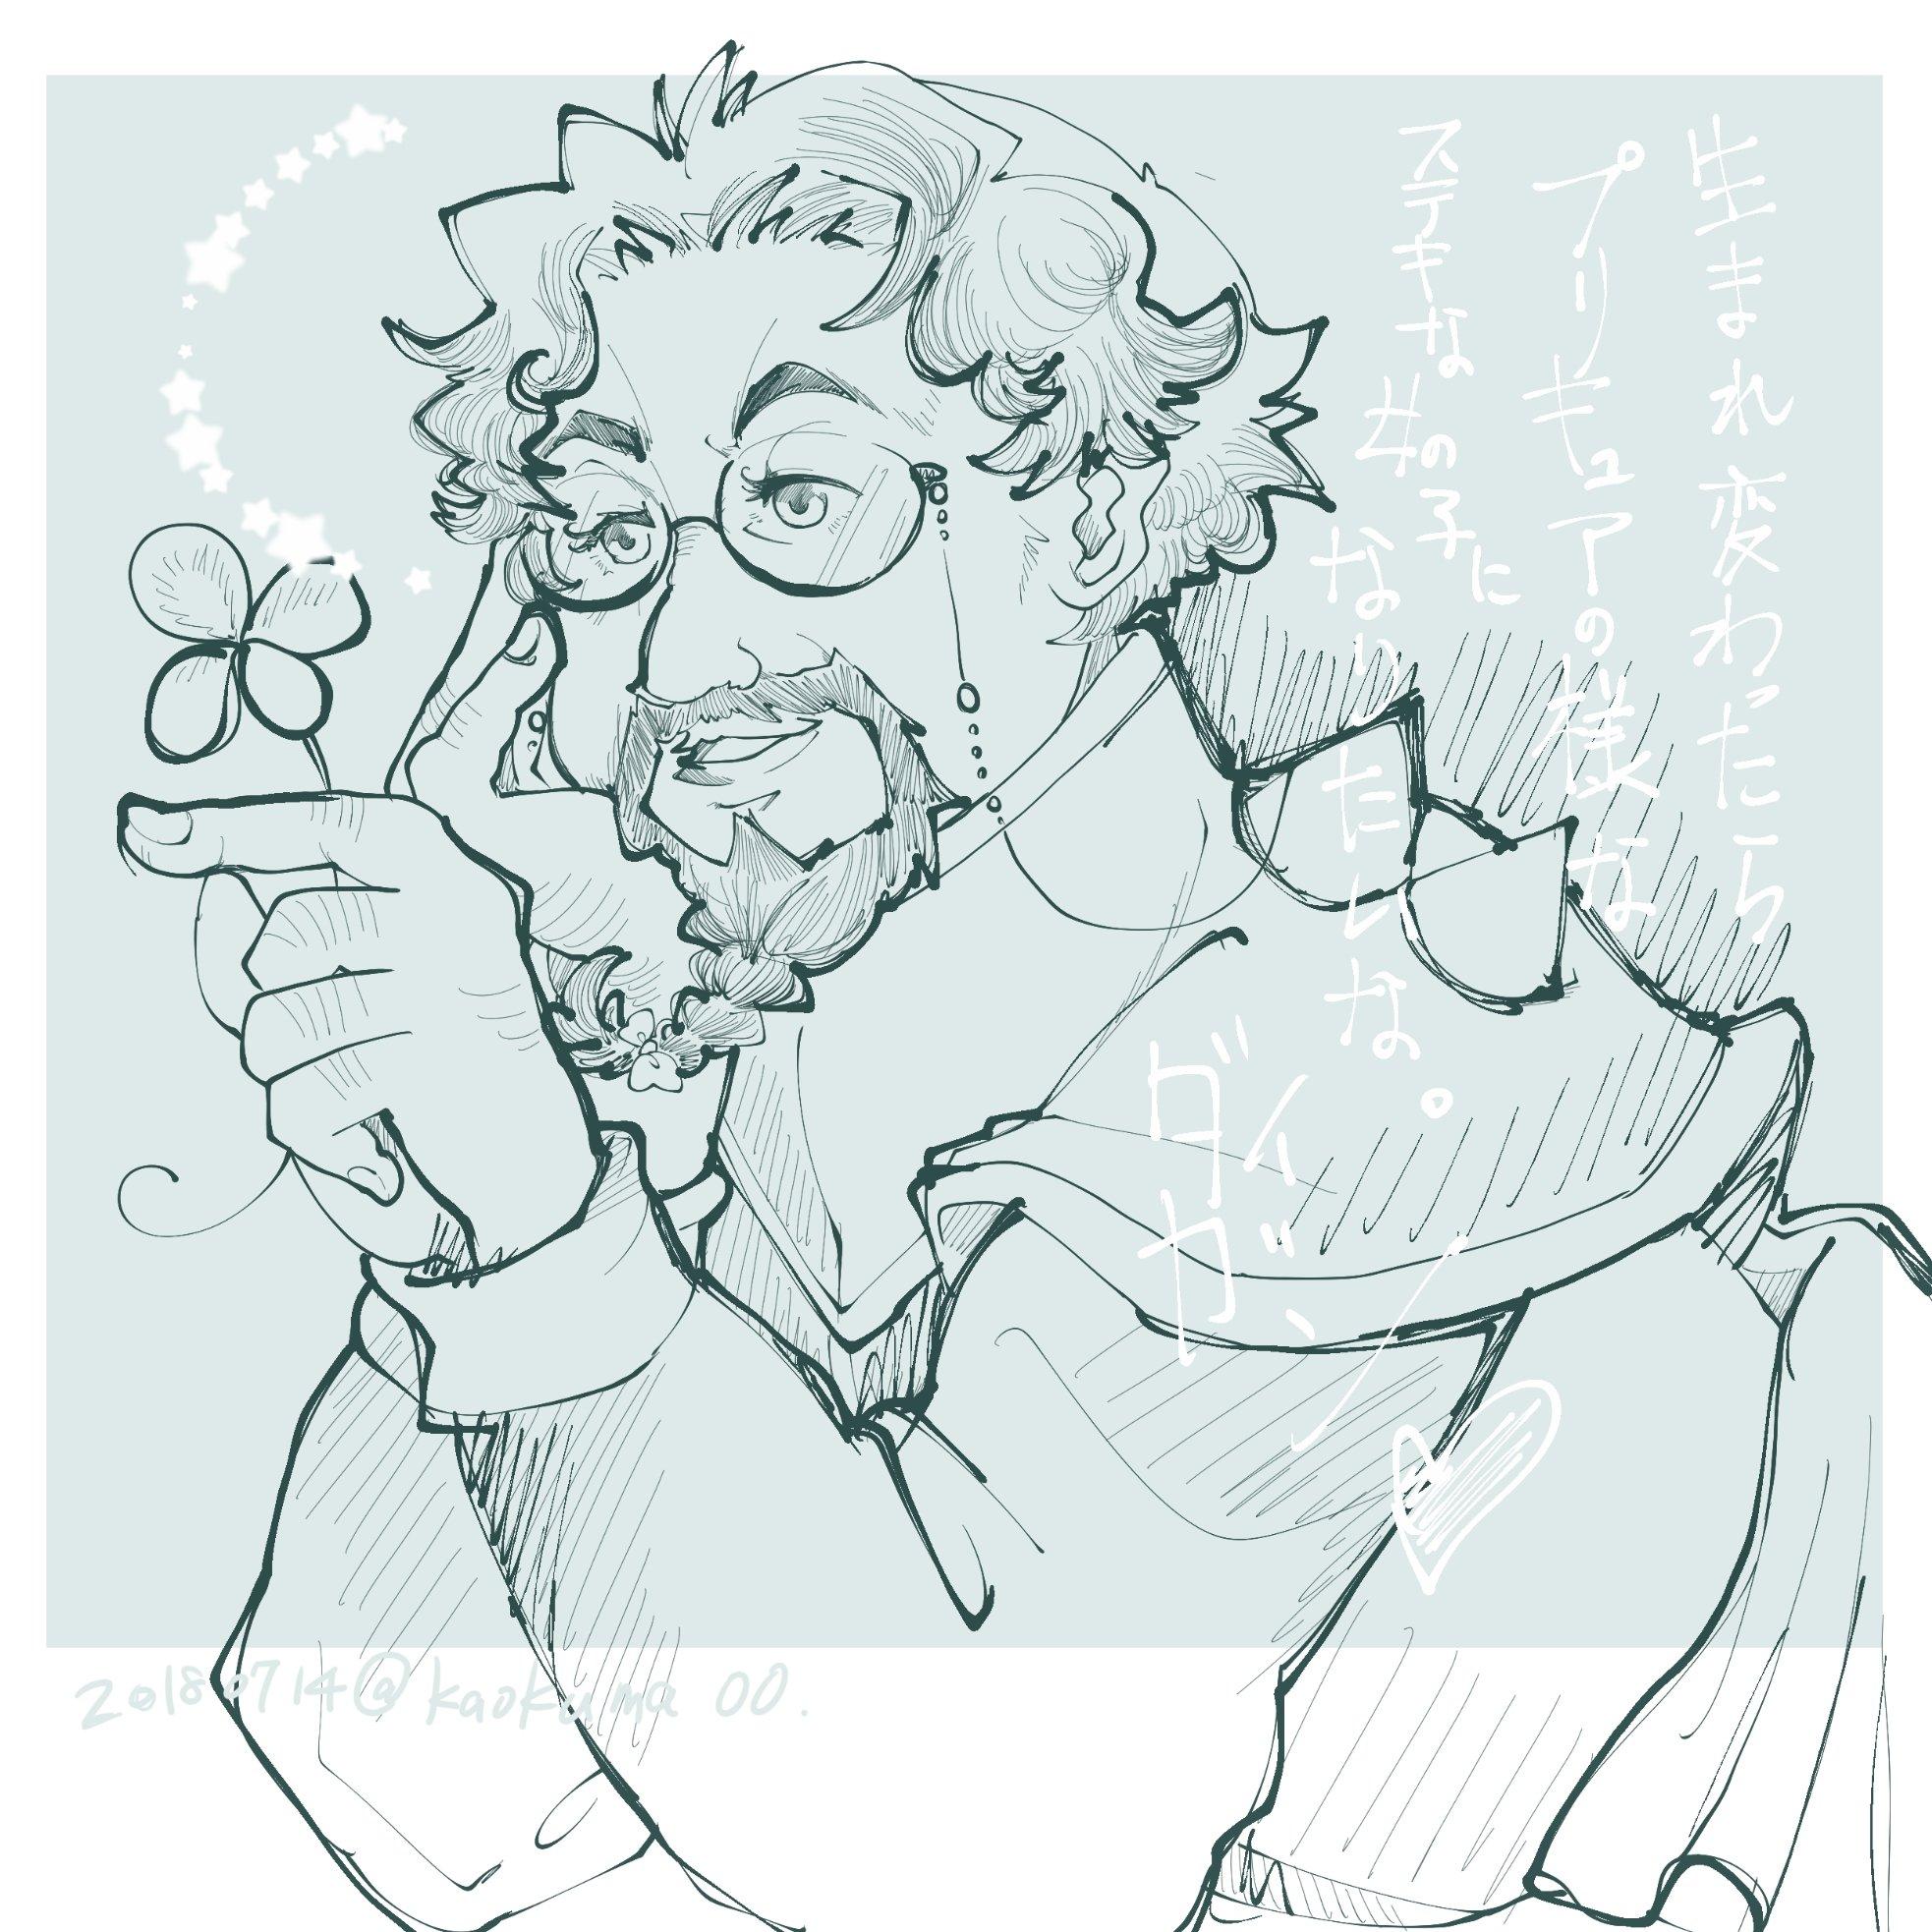 かおくま13 (@kaokuma00)さんのイラスト